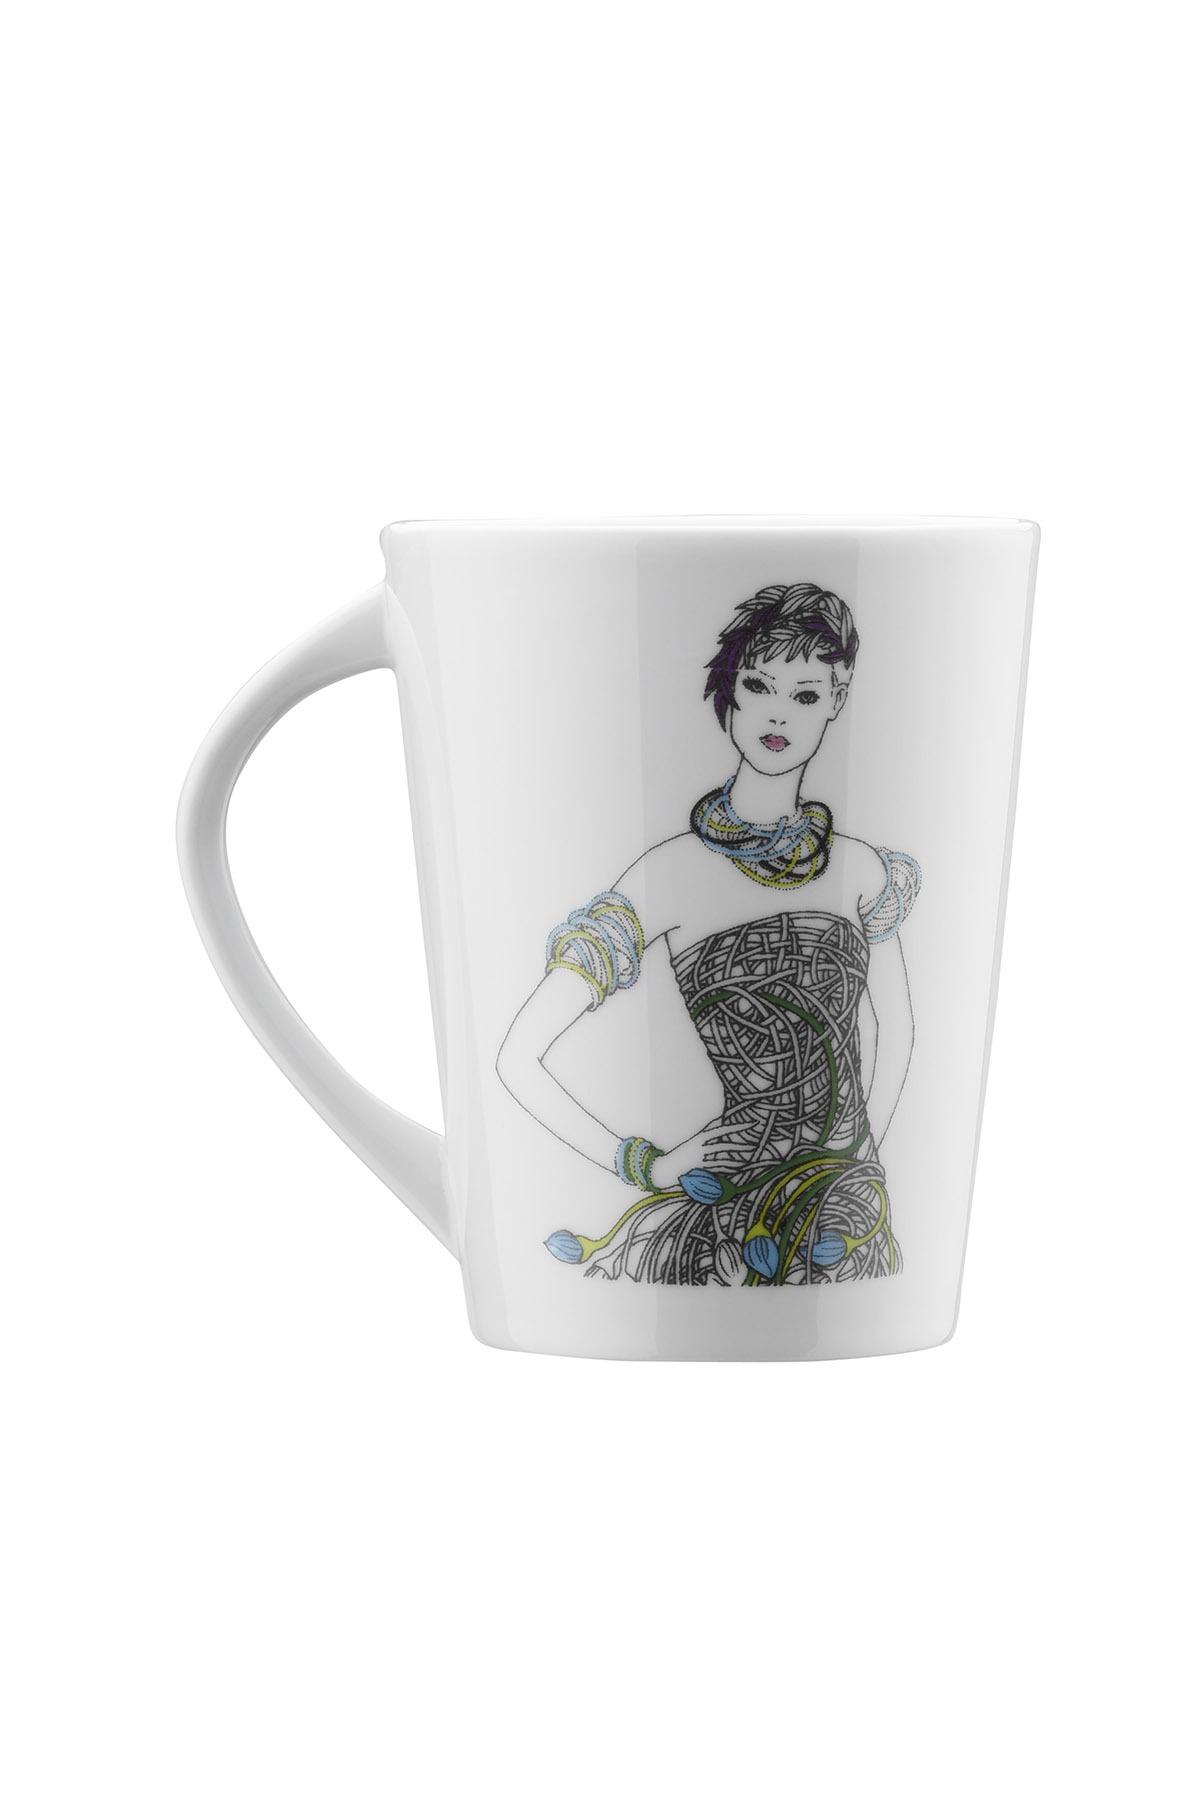 Kütahya Porselen Kadınlarım Serisi 9440 DesenMug Bardak